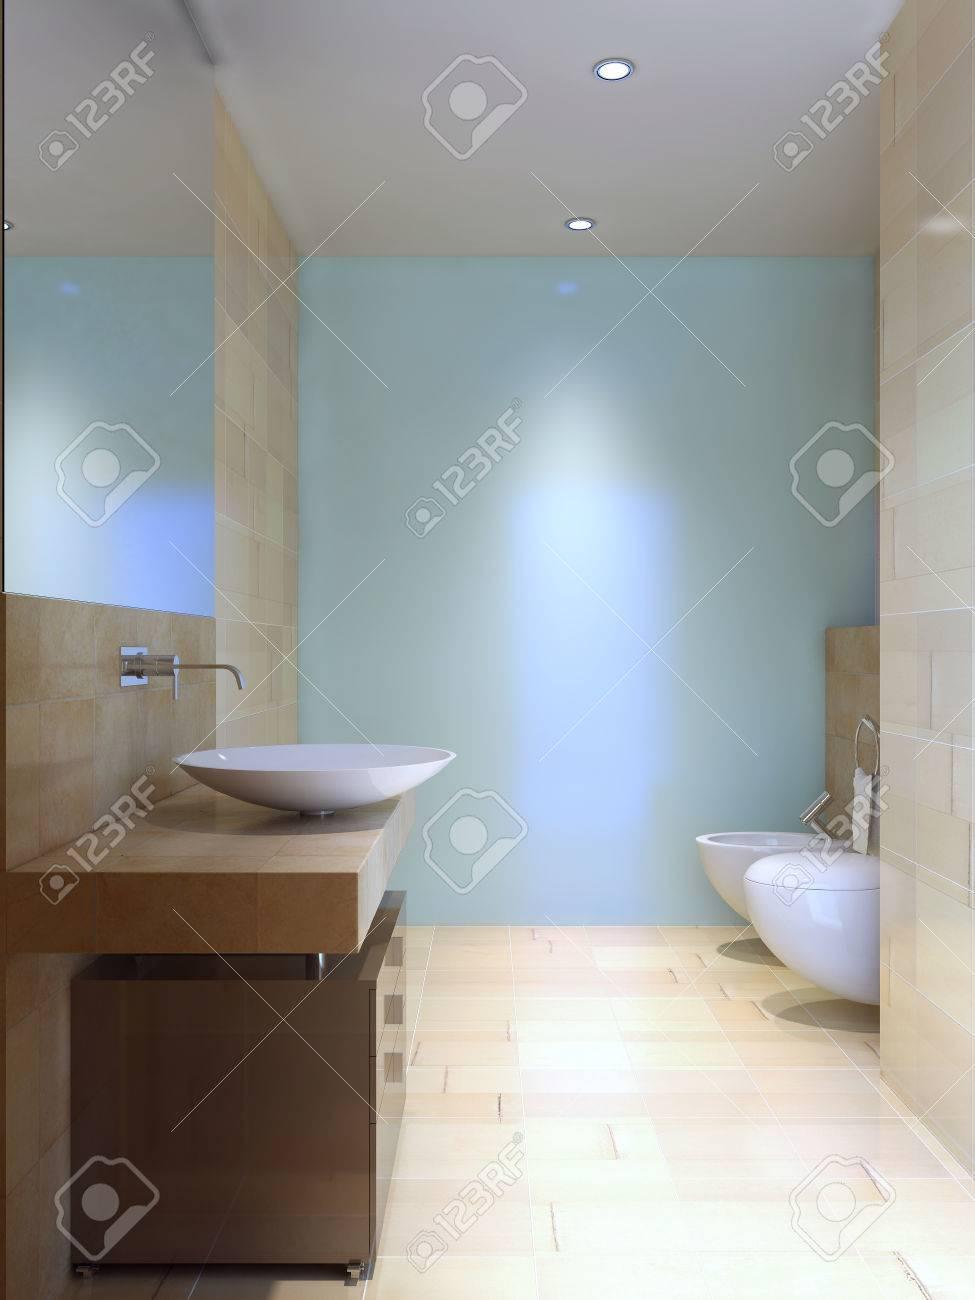 Moderne WC Idee. 3D übertragen Lizenzfreie Fotos, Bilder Und Stock ...